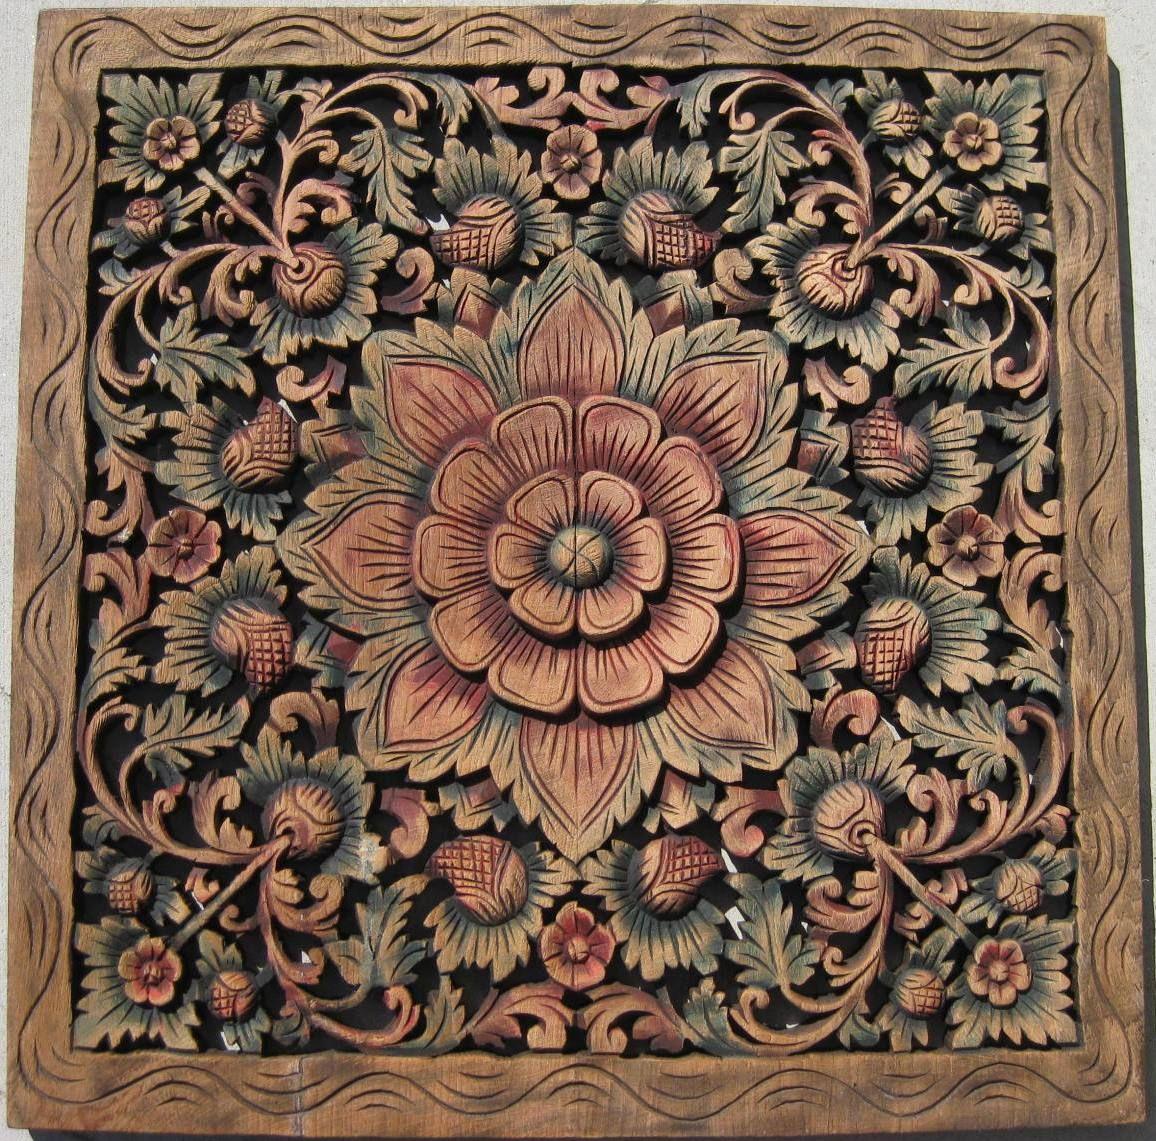 Wpssj400 Teak Panel Hand Carved Teak Carved Wall Art Wood Carving Furniture